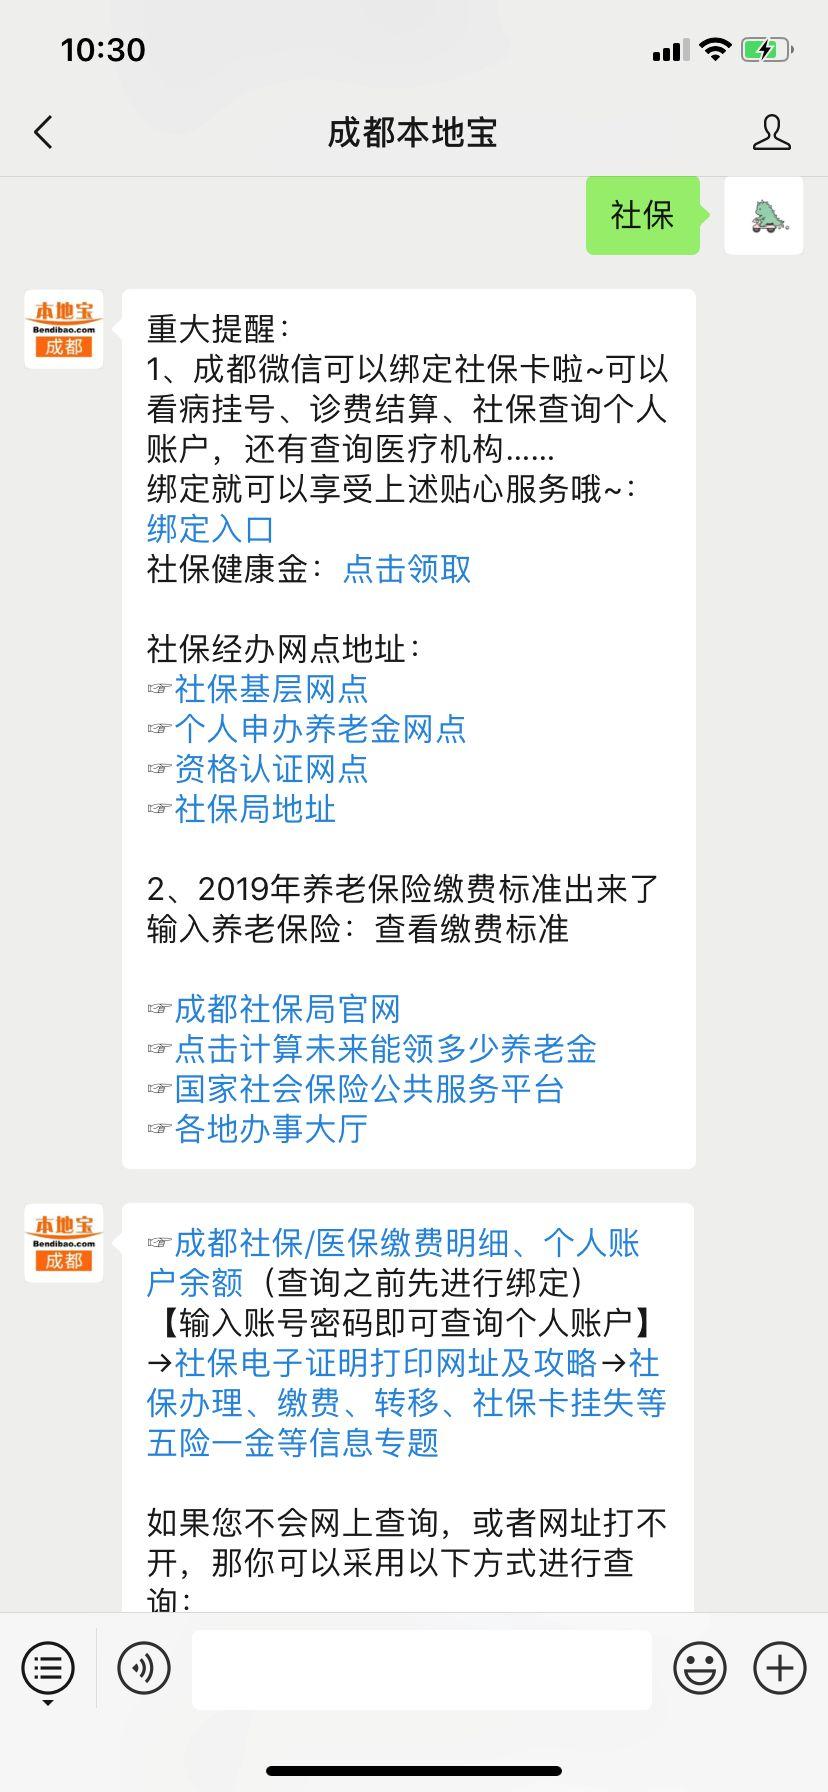 2019成都个人社保一个月交多少(最低 一档 二档 三档)